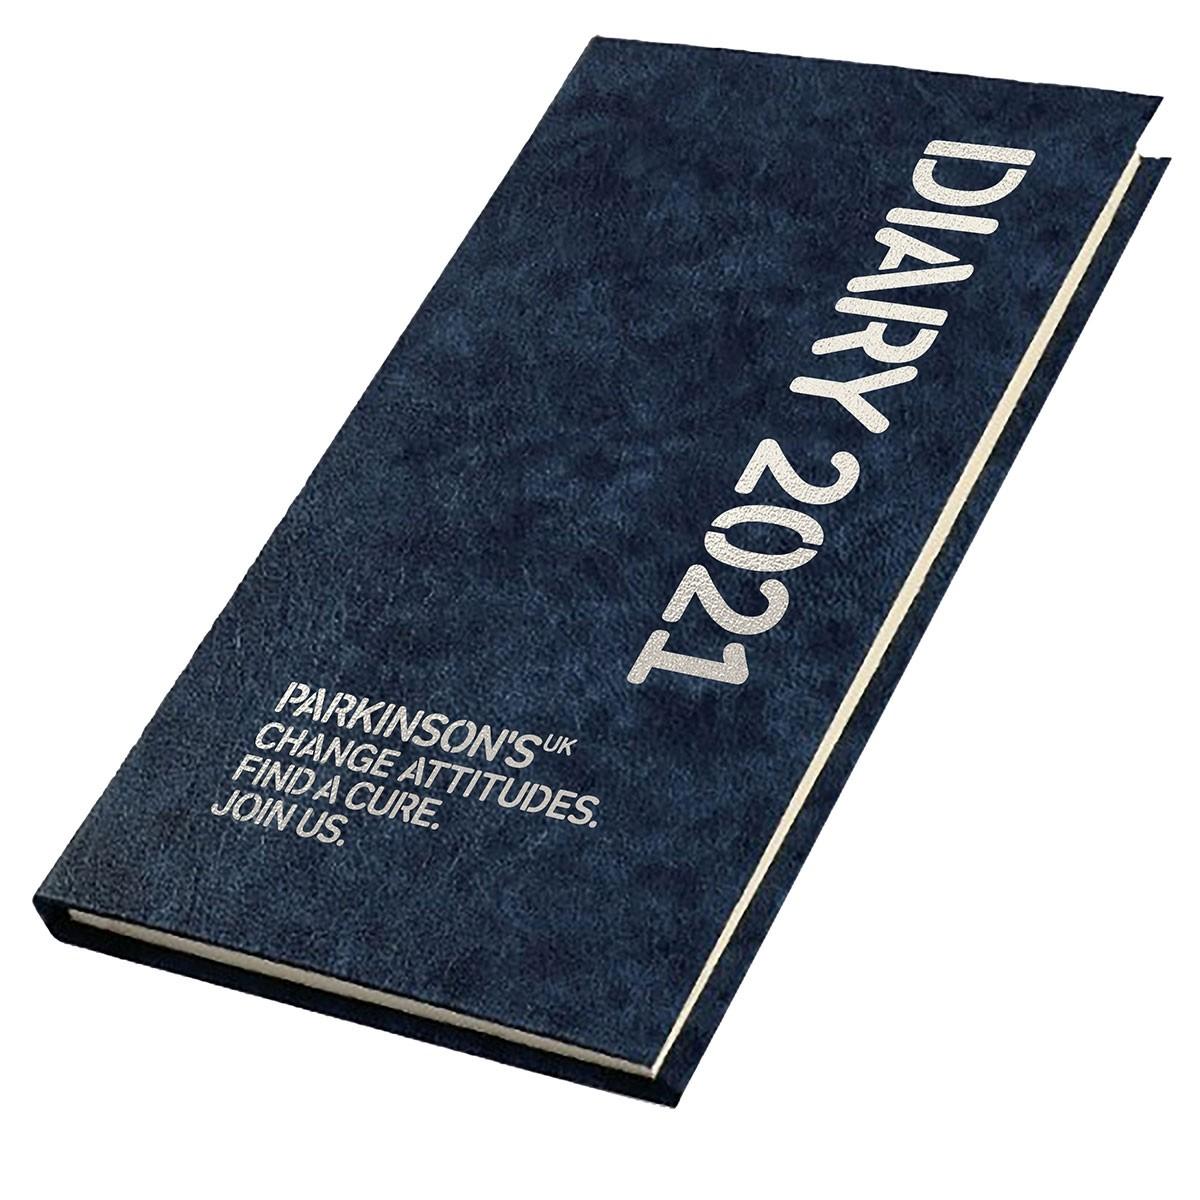 2021 Parkinson's UK Pocket Diary